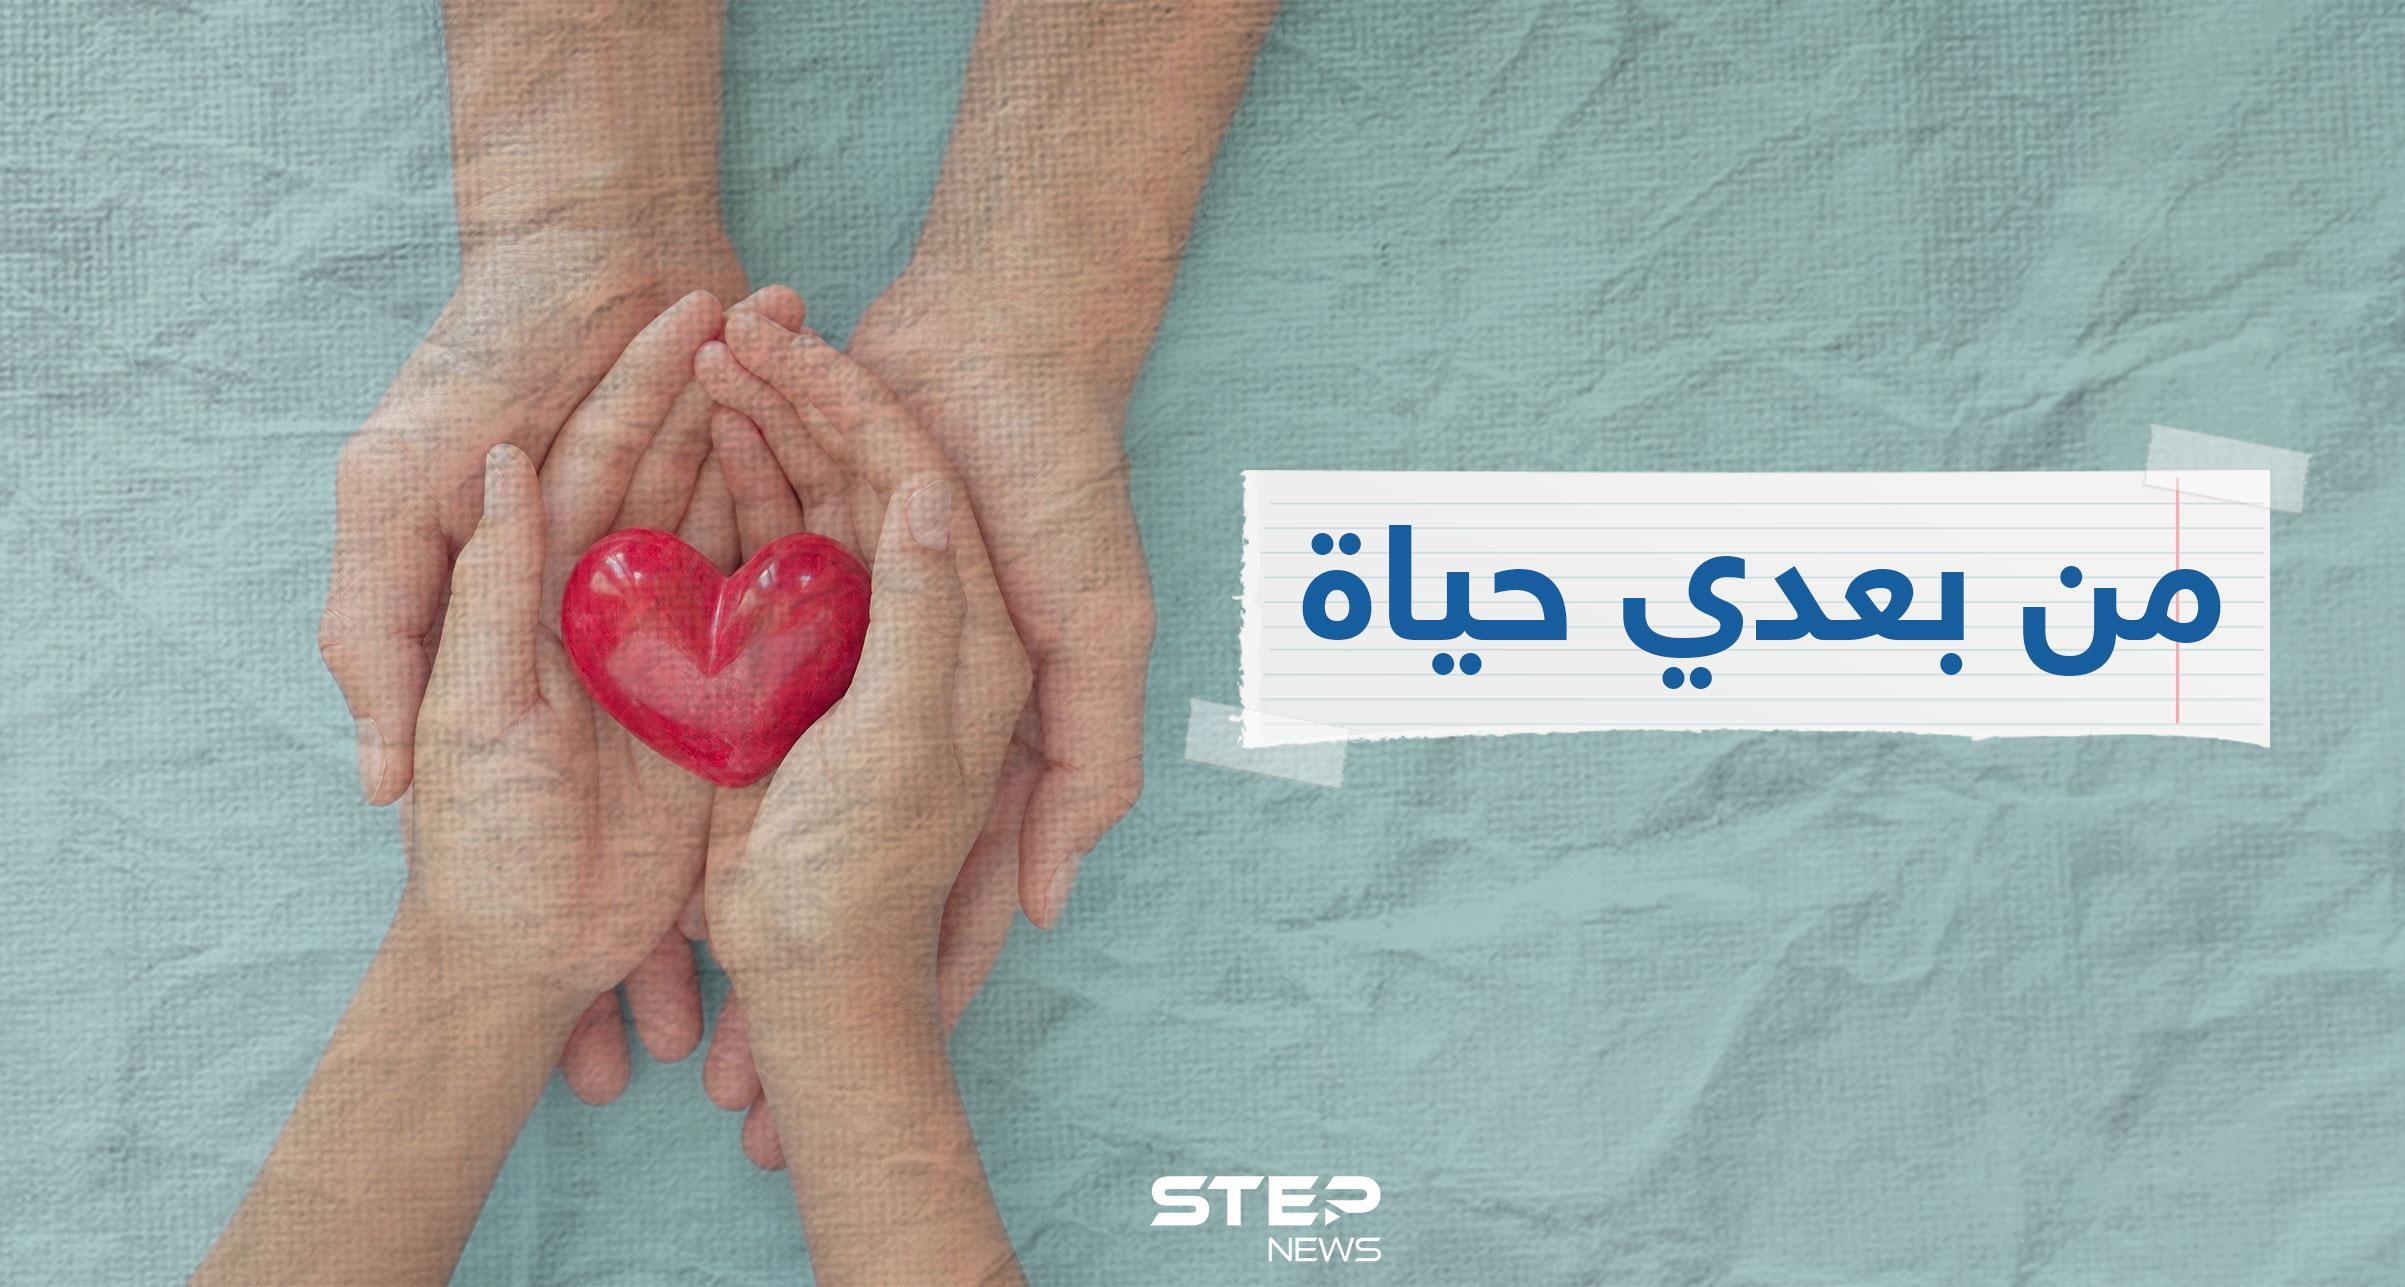 التبرع بالأعضاء.. كل ما يجب أن تعرفه بنظر الطب والدين ومعلومات من 3 دول عربية رائدة